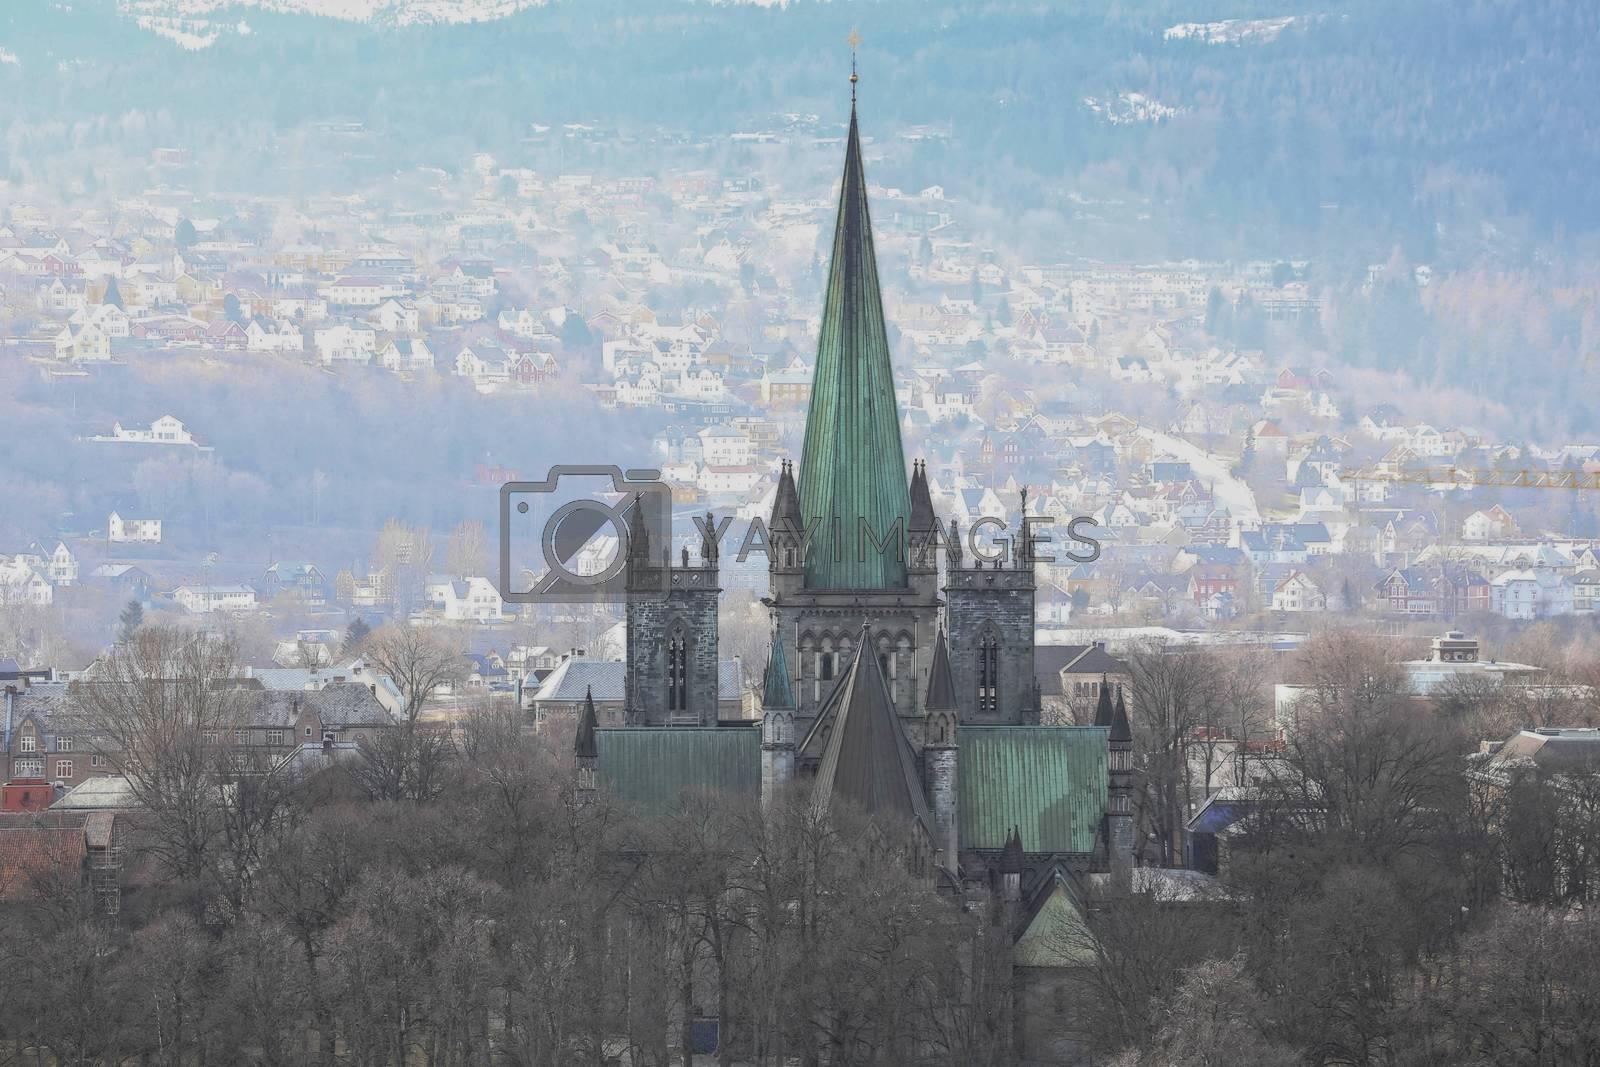 Rundtur i Trondheim en vårdag - Utsikt fra Kristiansten fesning med katedralen